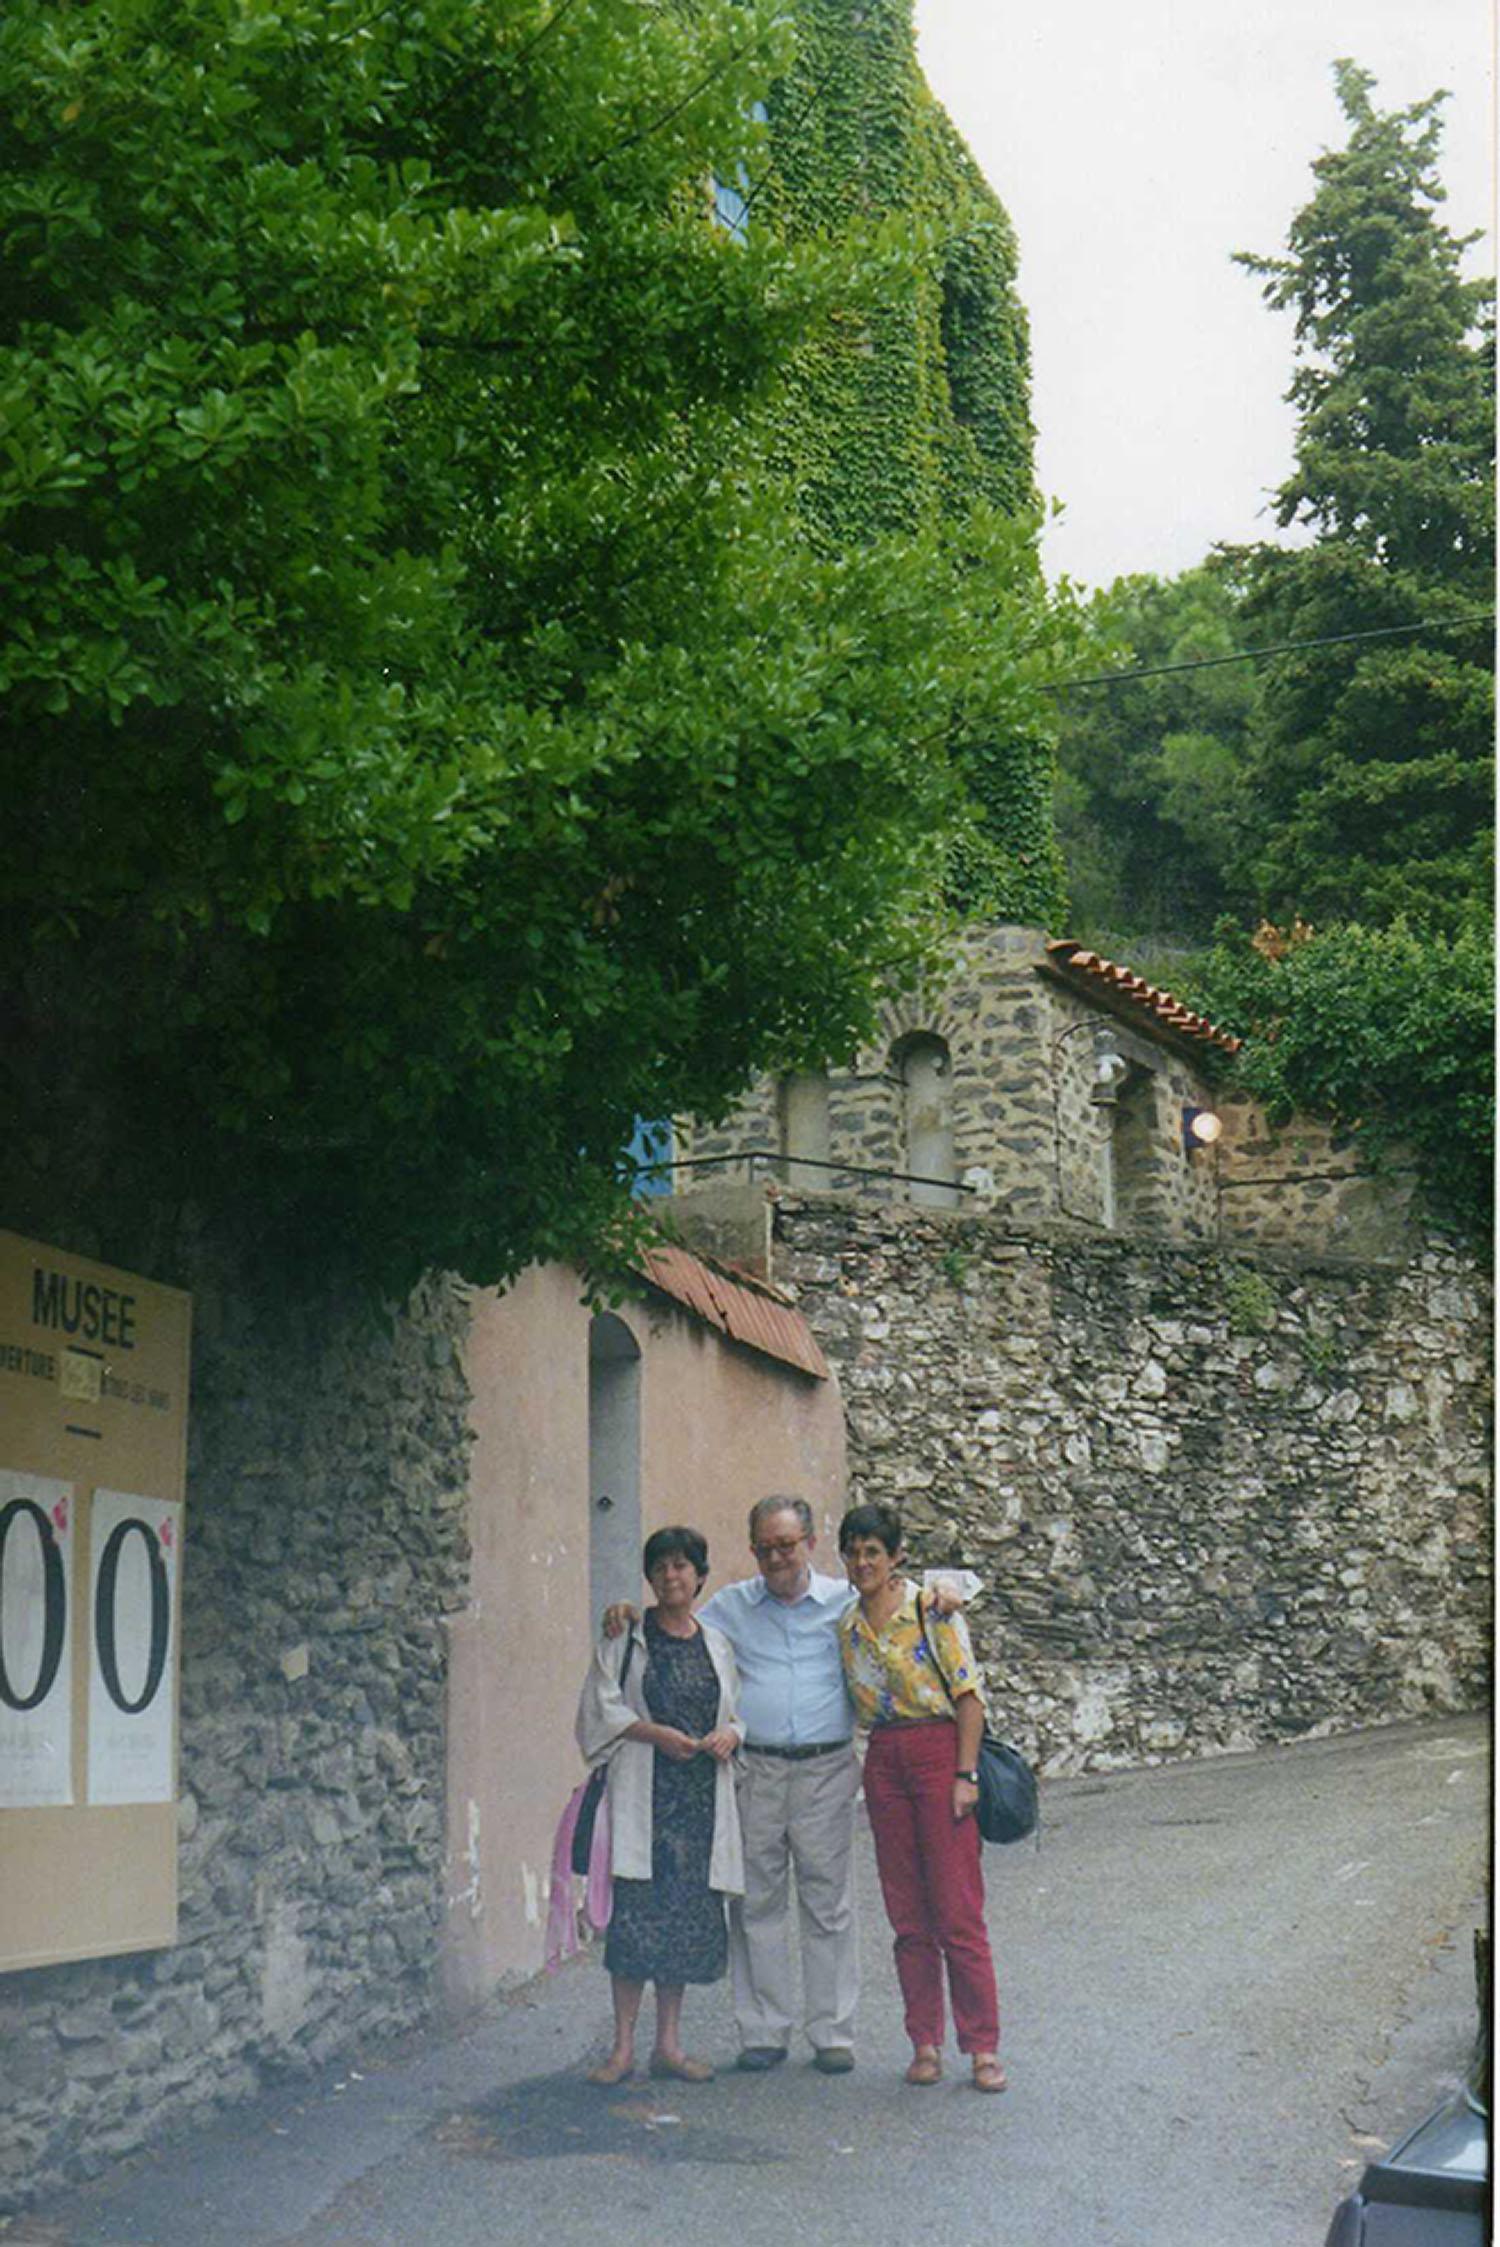 Pepa Llòpis, Brossa i Bordons davant a Ceret, el Rosselló, el 1990. A la imatge destacada, Joan Brossa i Glòria Bordona al local La Belle Époque, l'any 1993. Fotografies cedides per Glòria Bordons